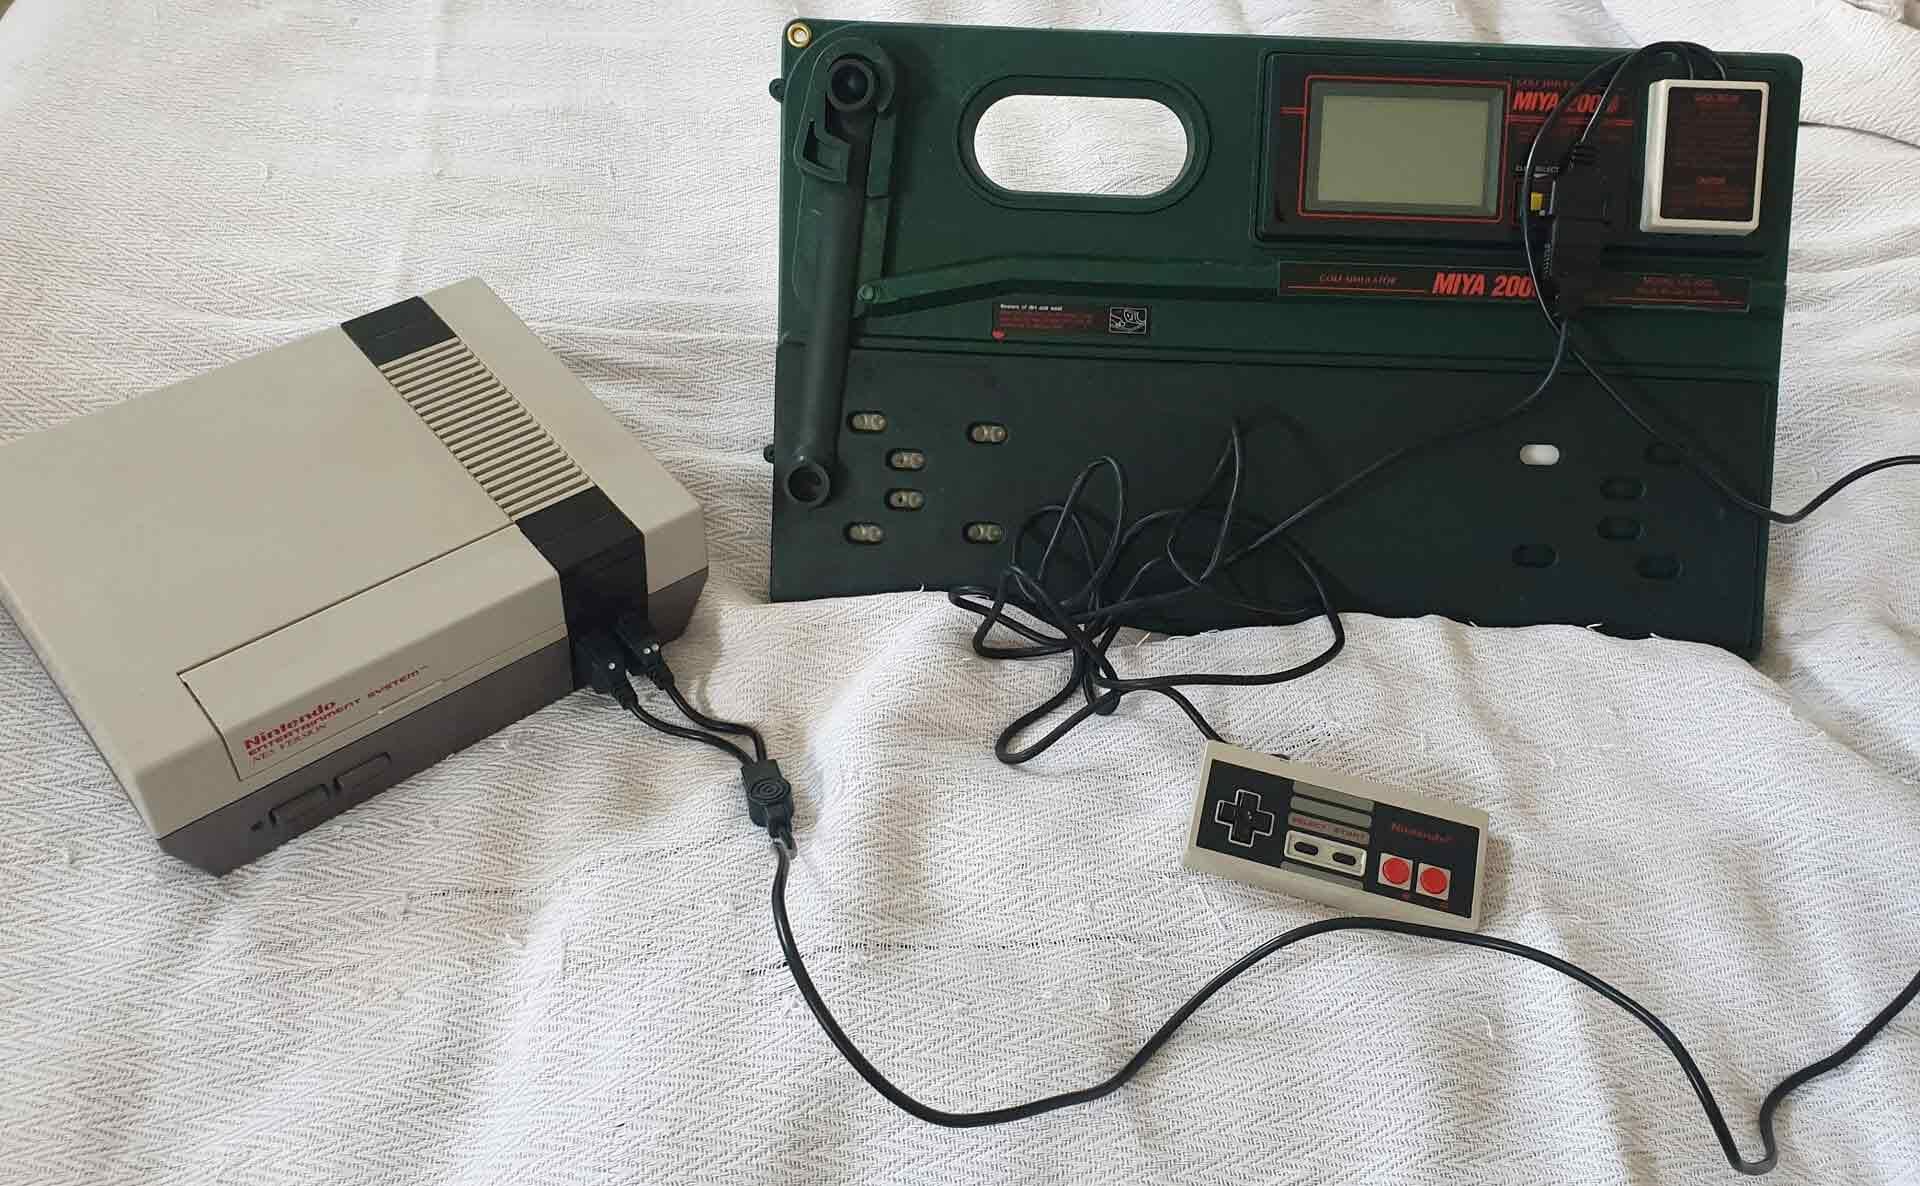 Seltenes NES-Zubehör funktionierte nur mit einem Spiel